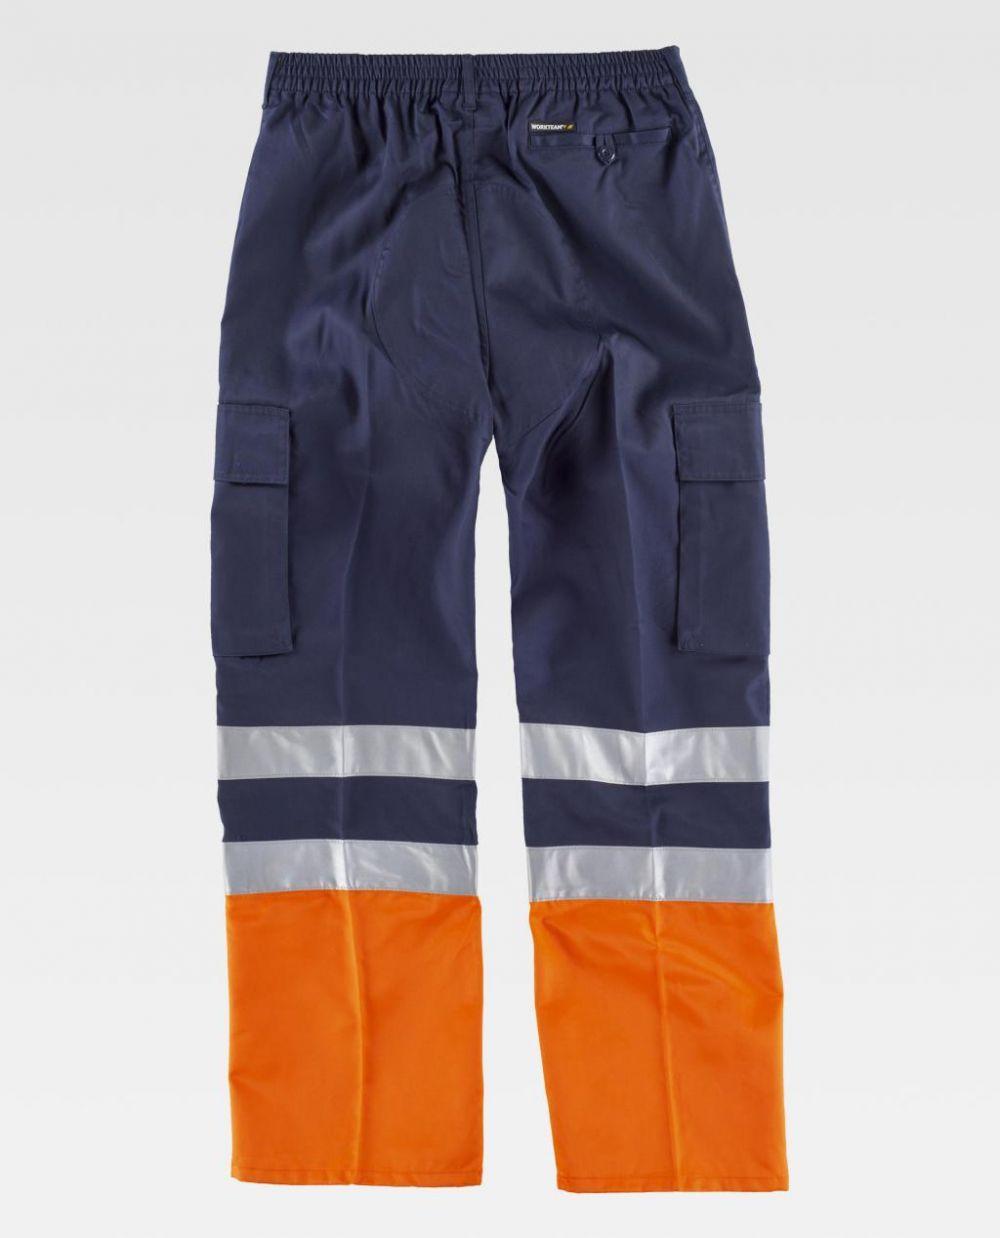 Pantalones reflectantes workteam con refuerzos combinado con alta visibilidad de poliéster vista 2